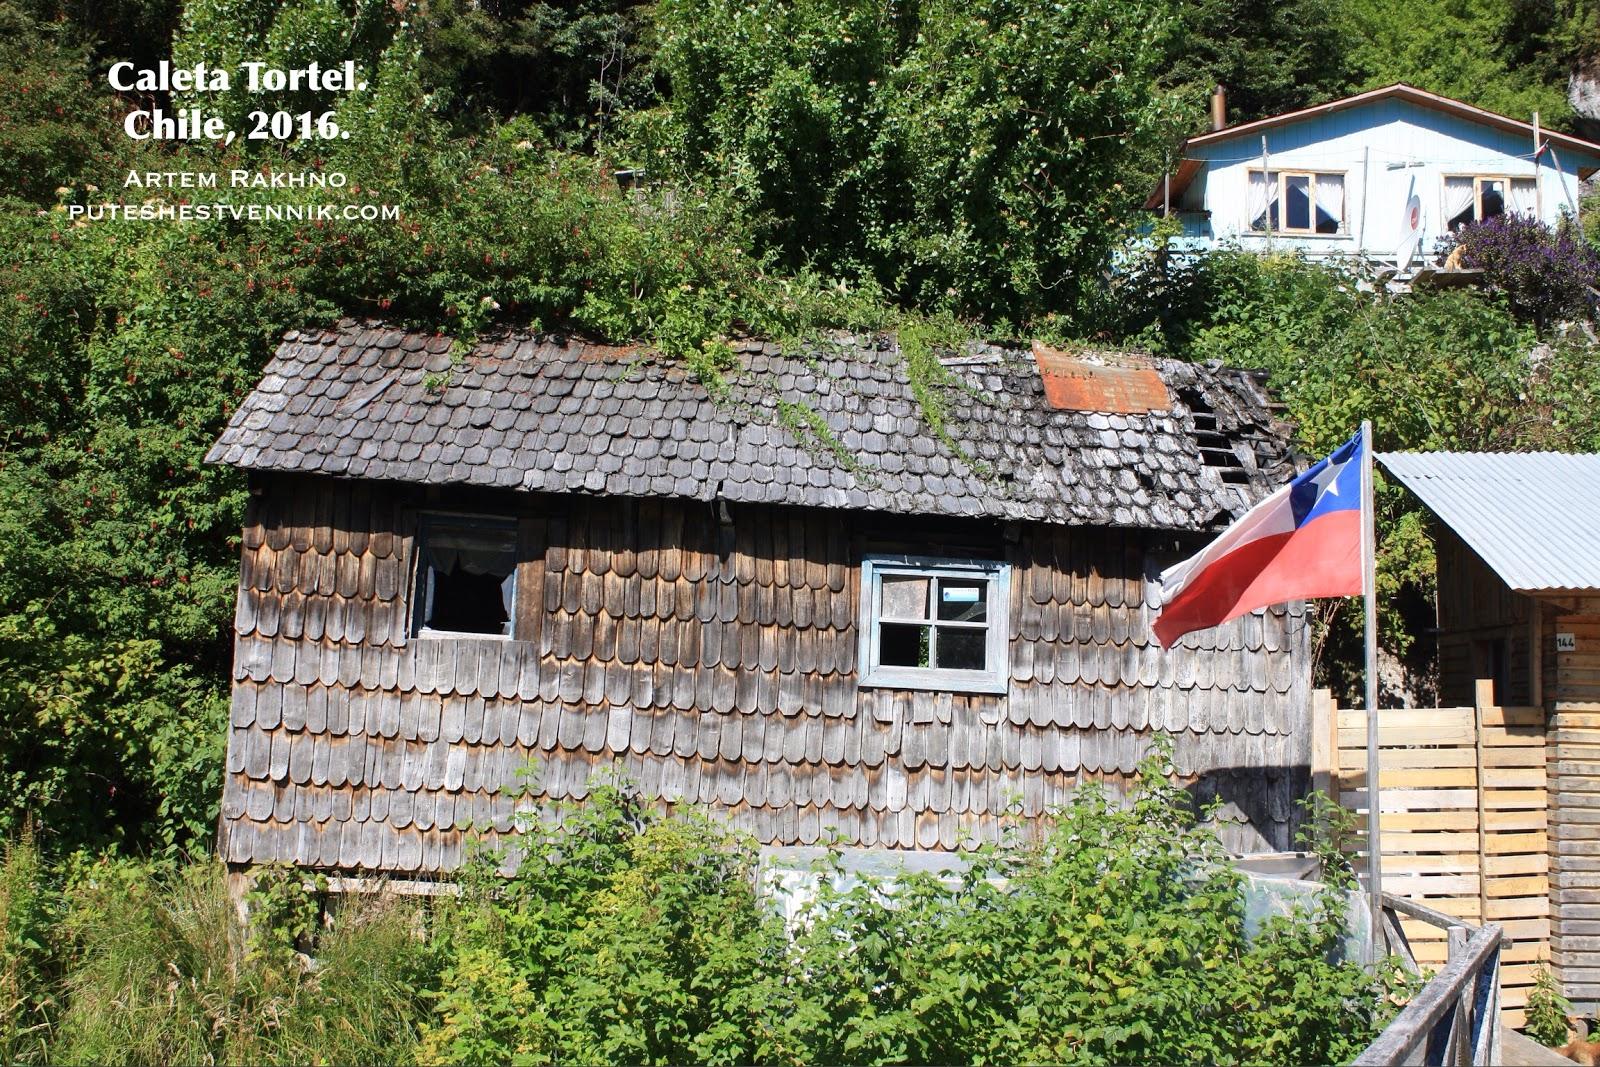 Деревянный дом и чилийский флаг